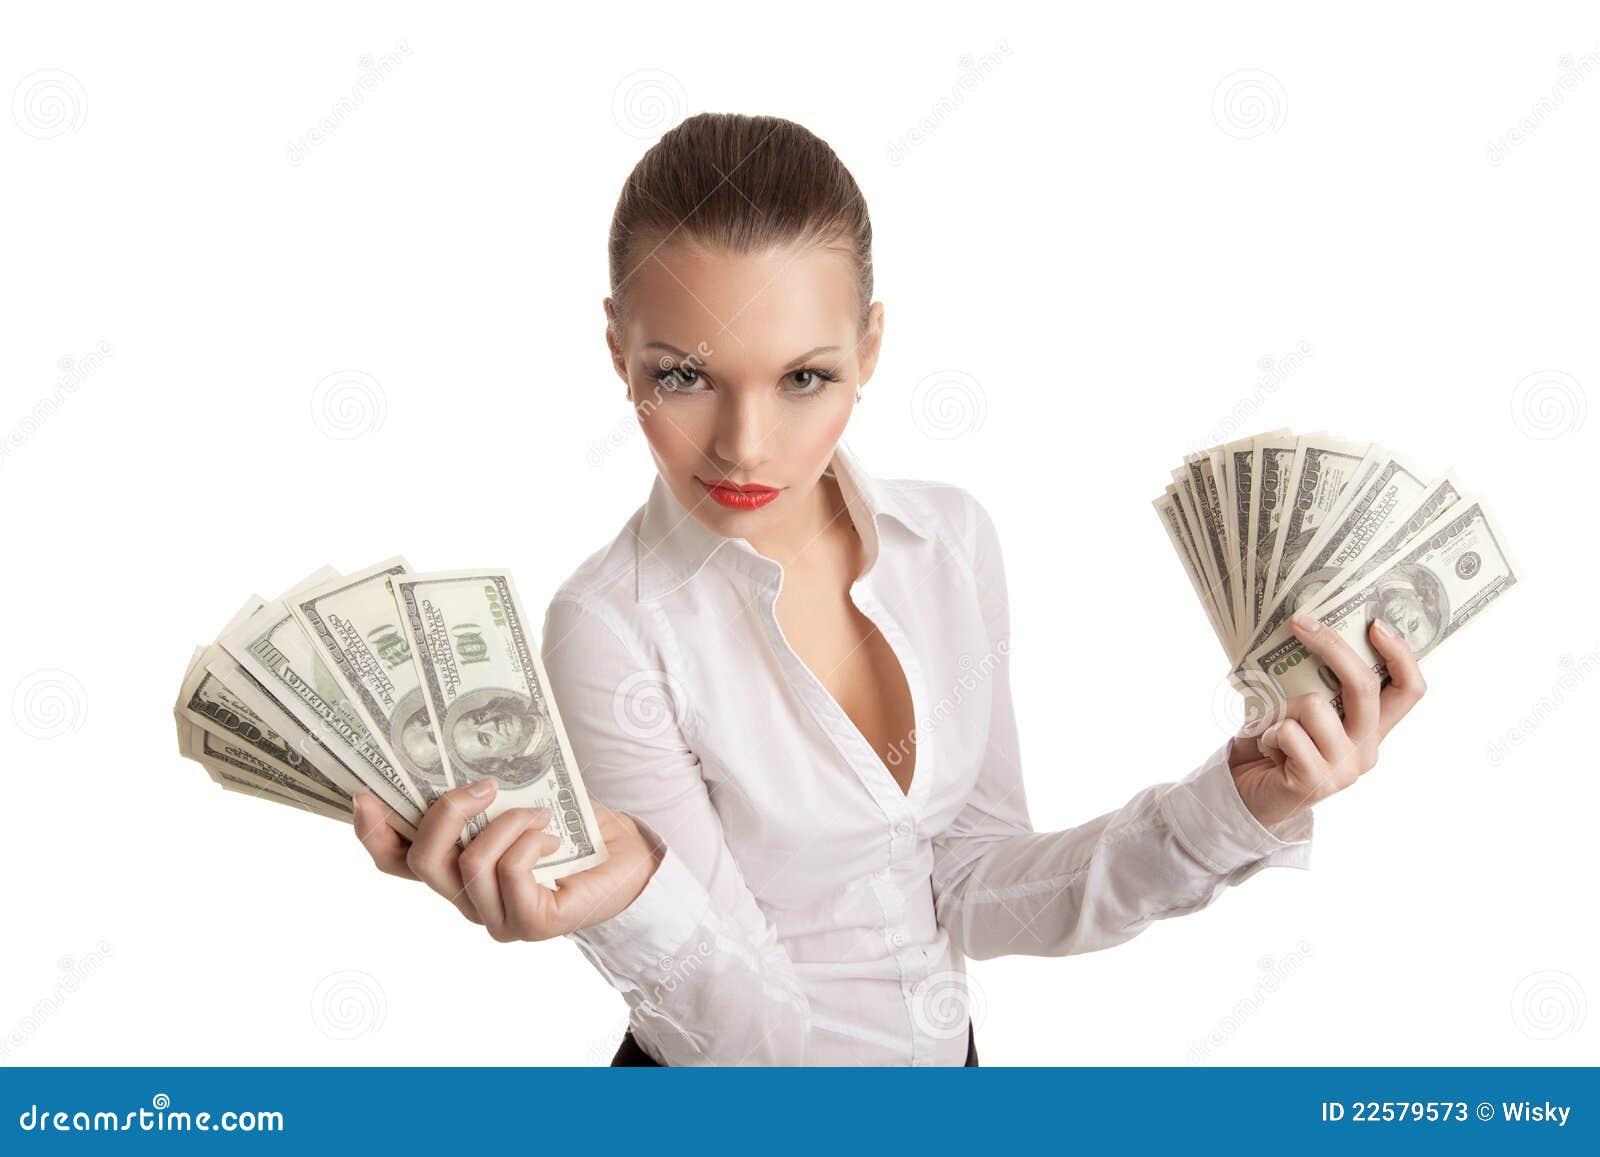 Халявные деньги за секс 16 фотография